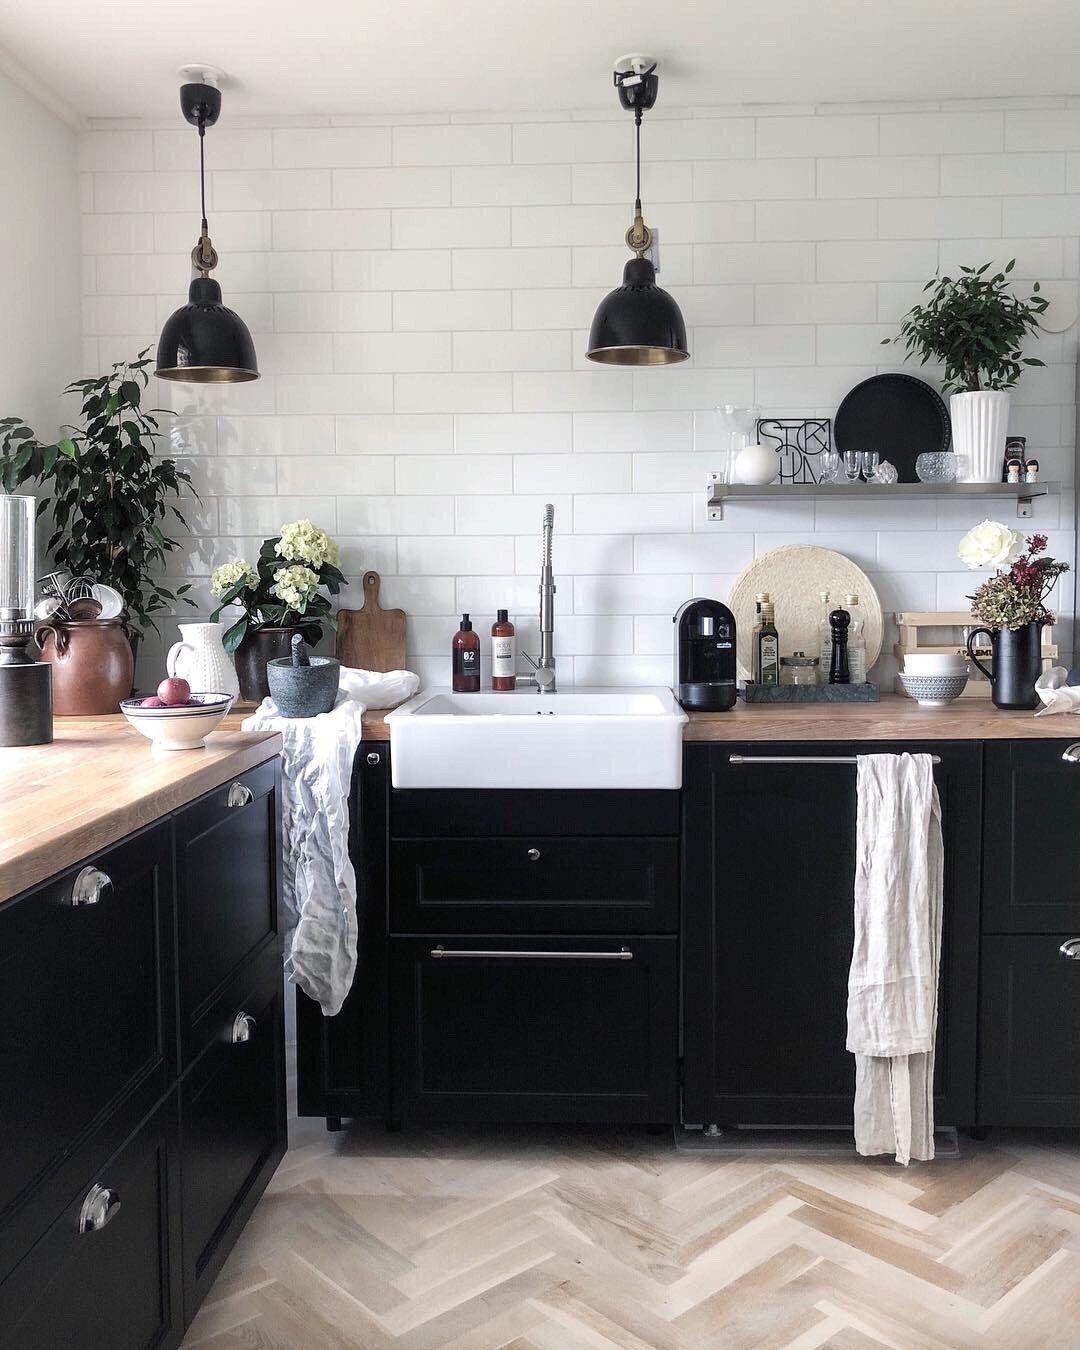 My Top 7 Scandinavian Interior Instagram Accounts To Follow By Shnordic In 2020 Scandinavian Interior Kitchen Kitchen Interior Kitchen Design